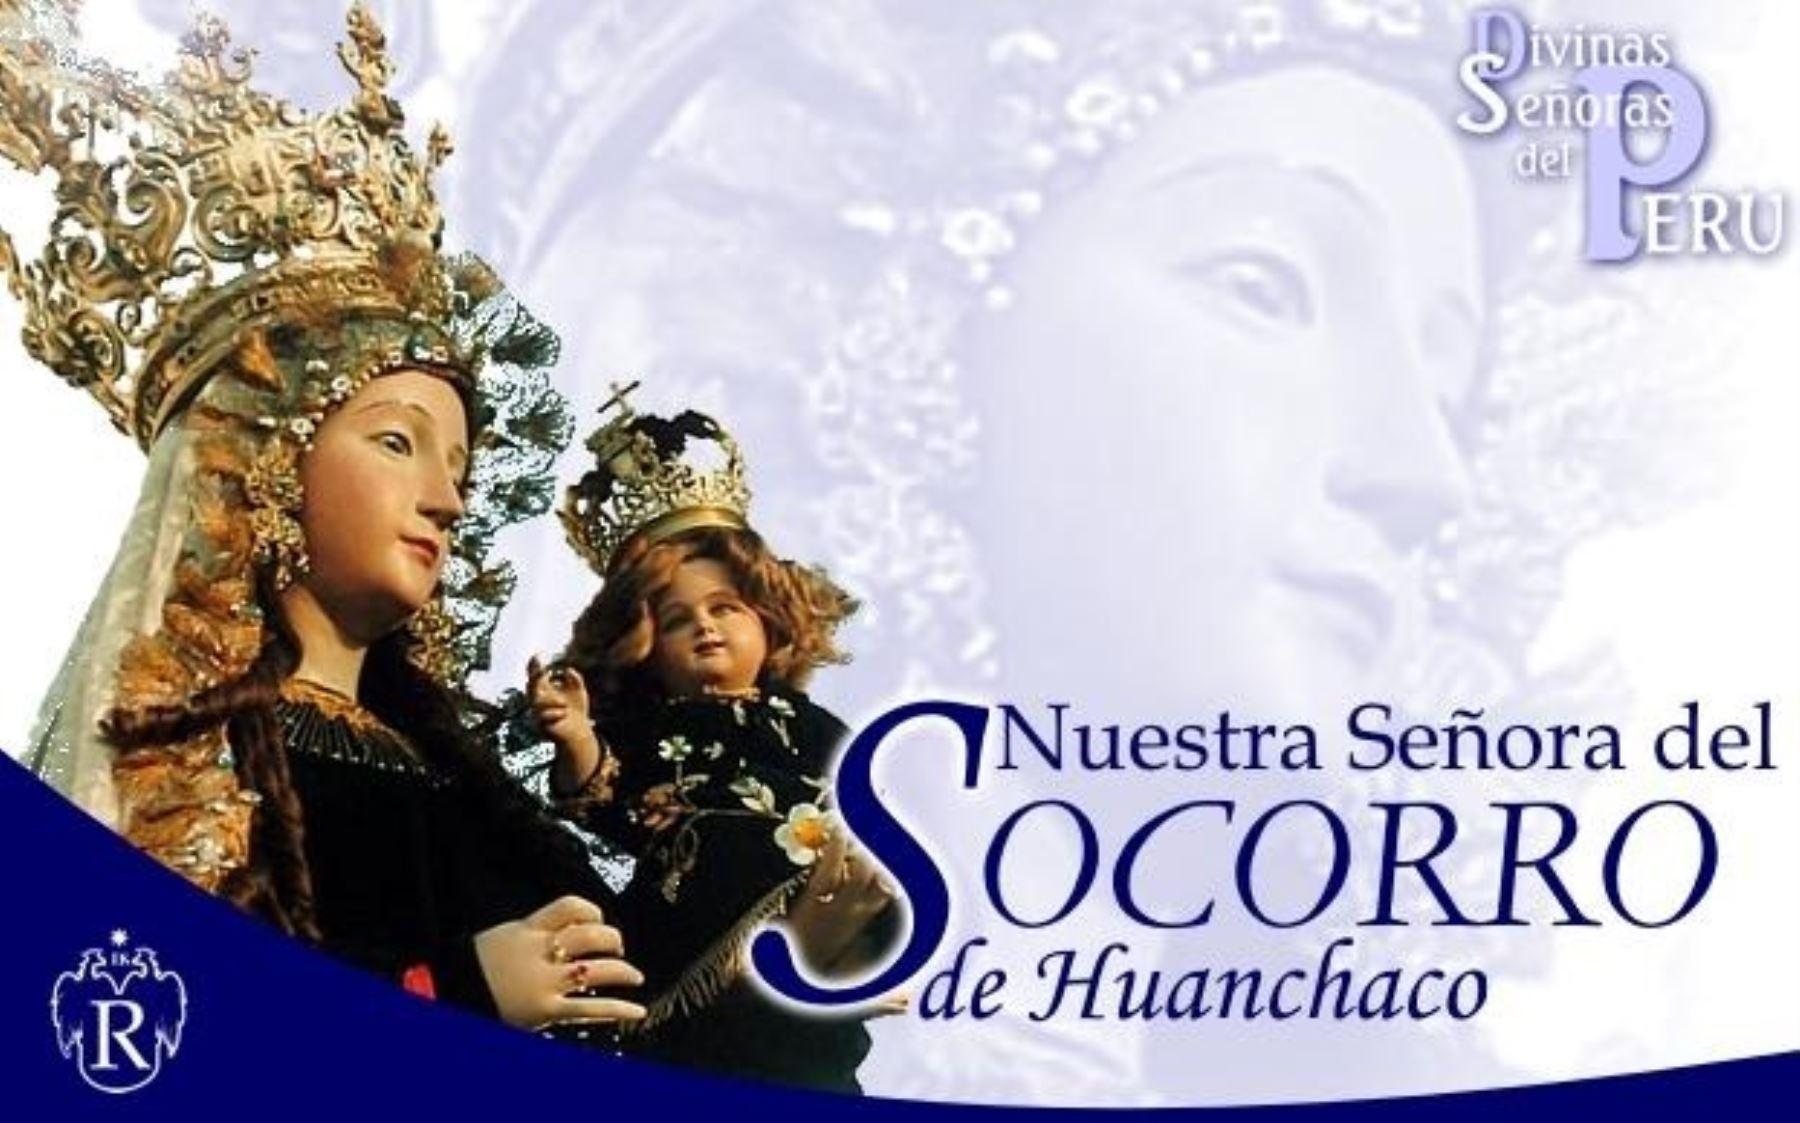 Virgen de la Candelaria del Socorro de Huanchaco, patrona del balneario.